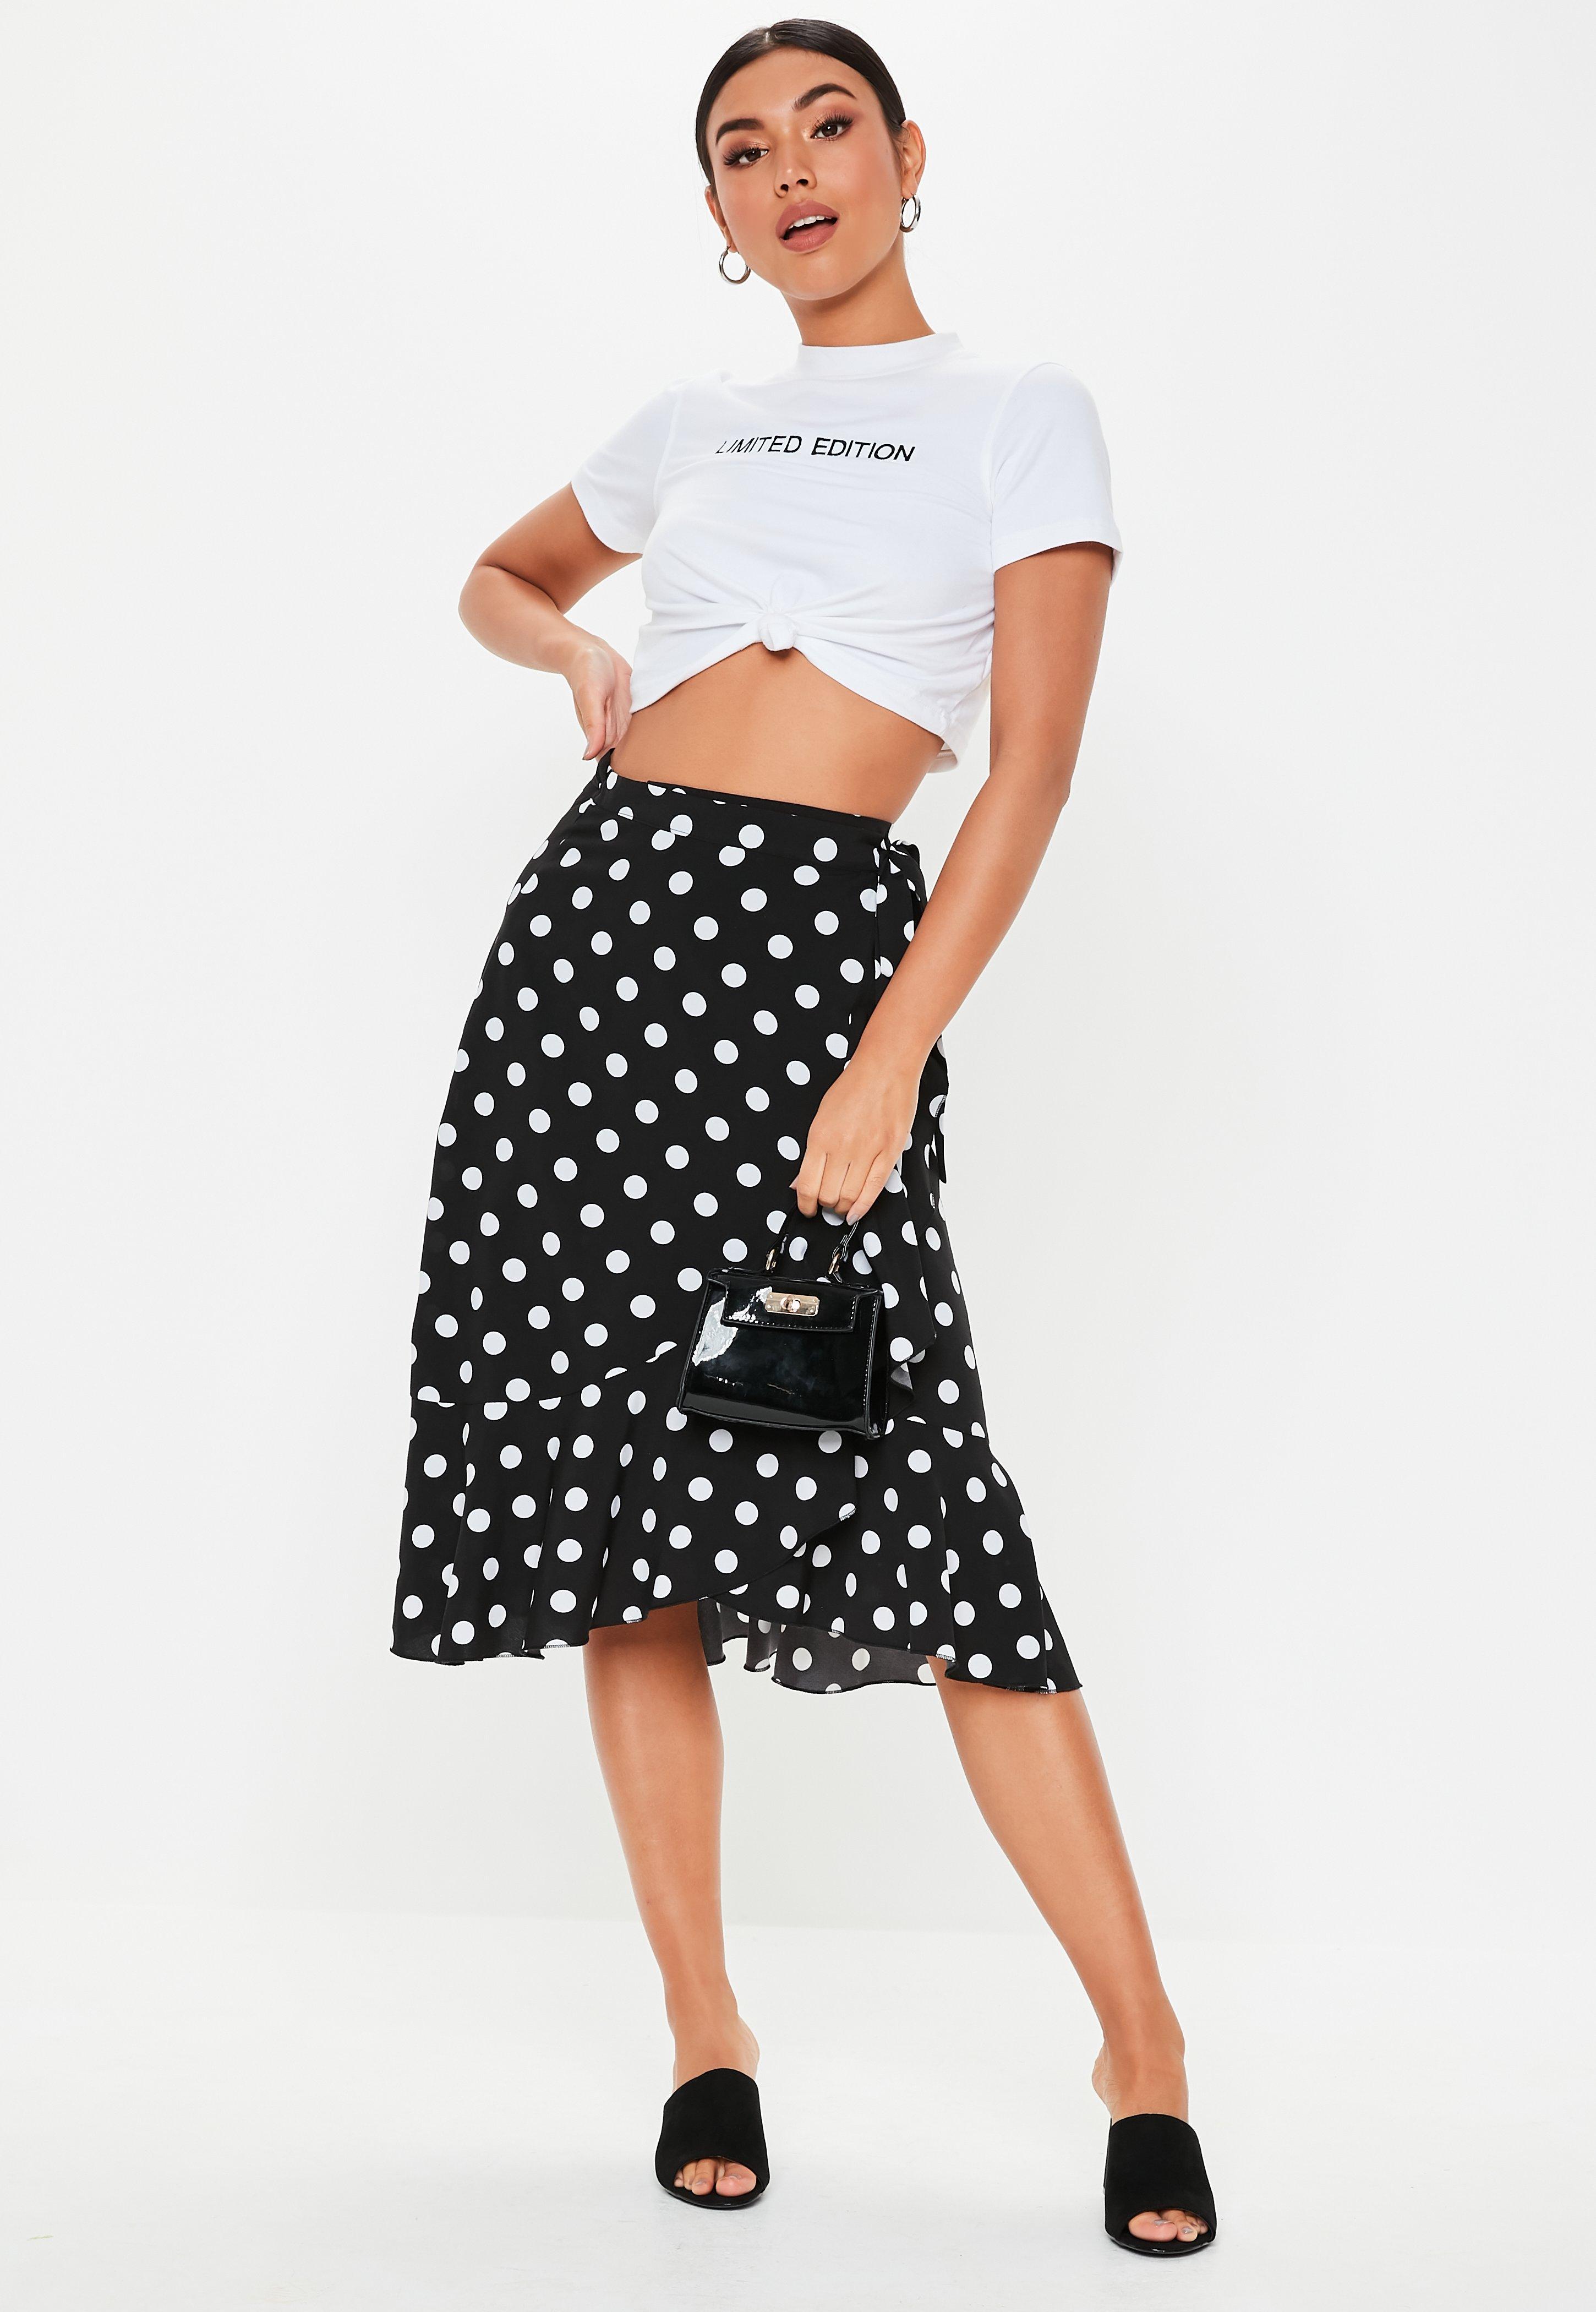 2ed5ddbdd3673 Black Skirts